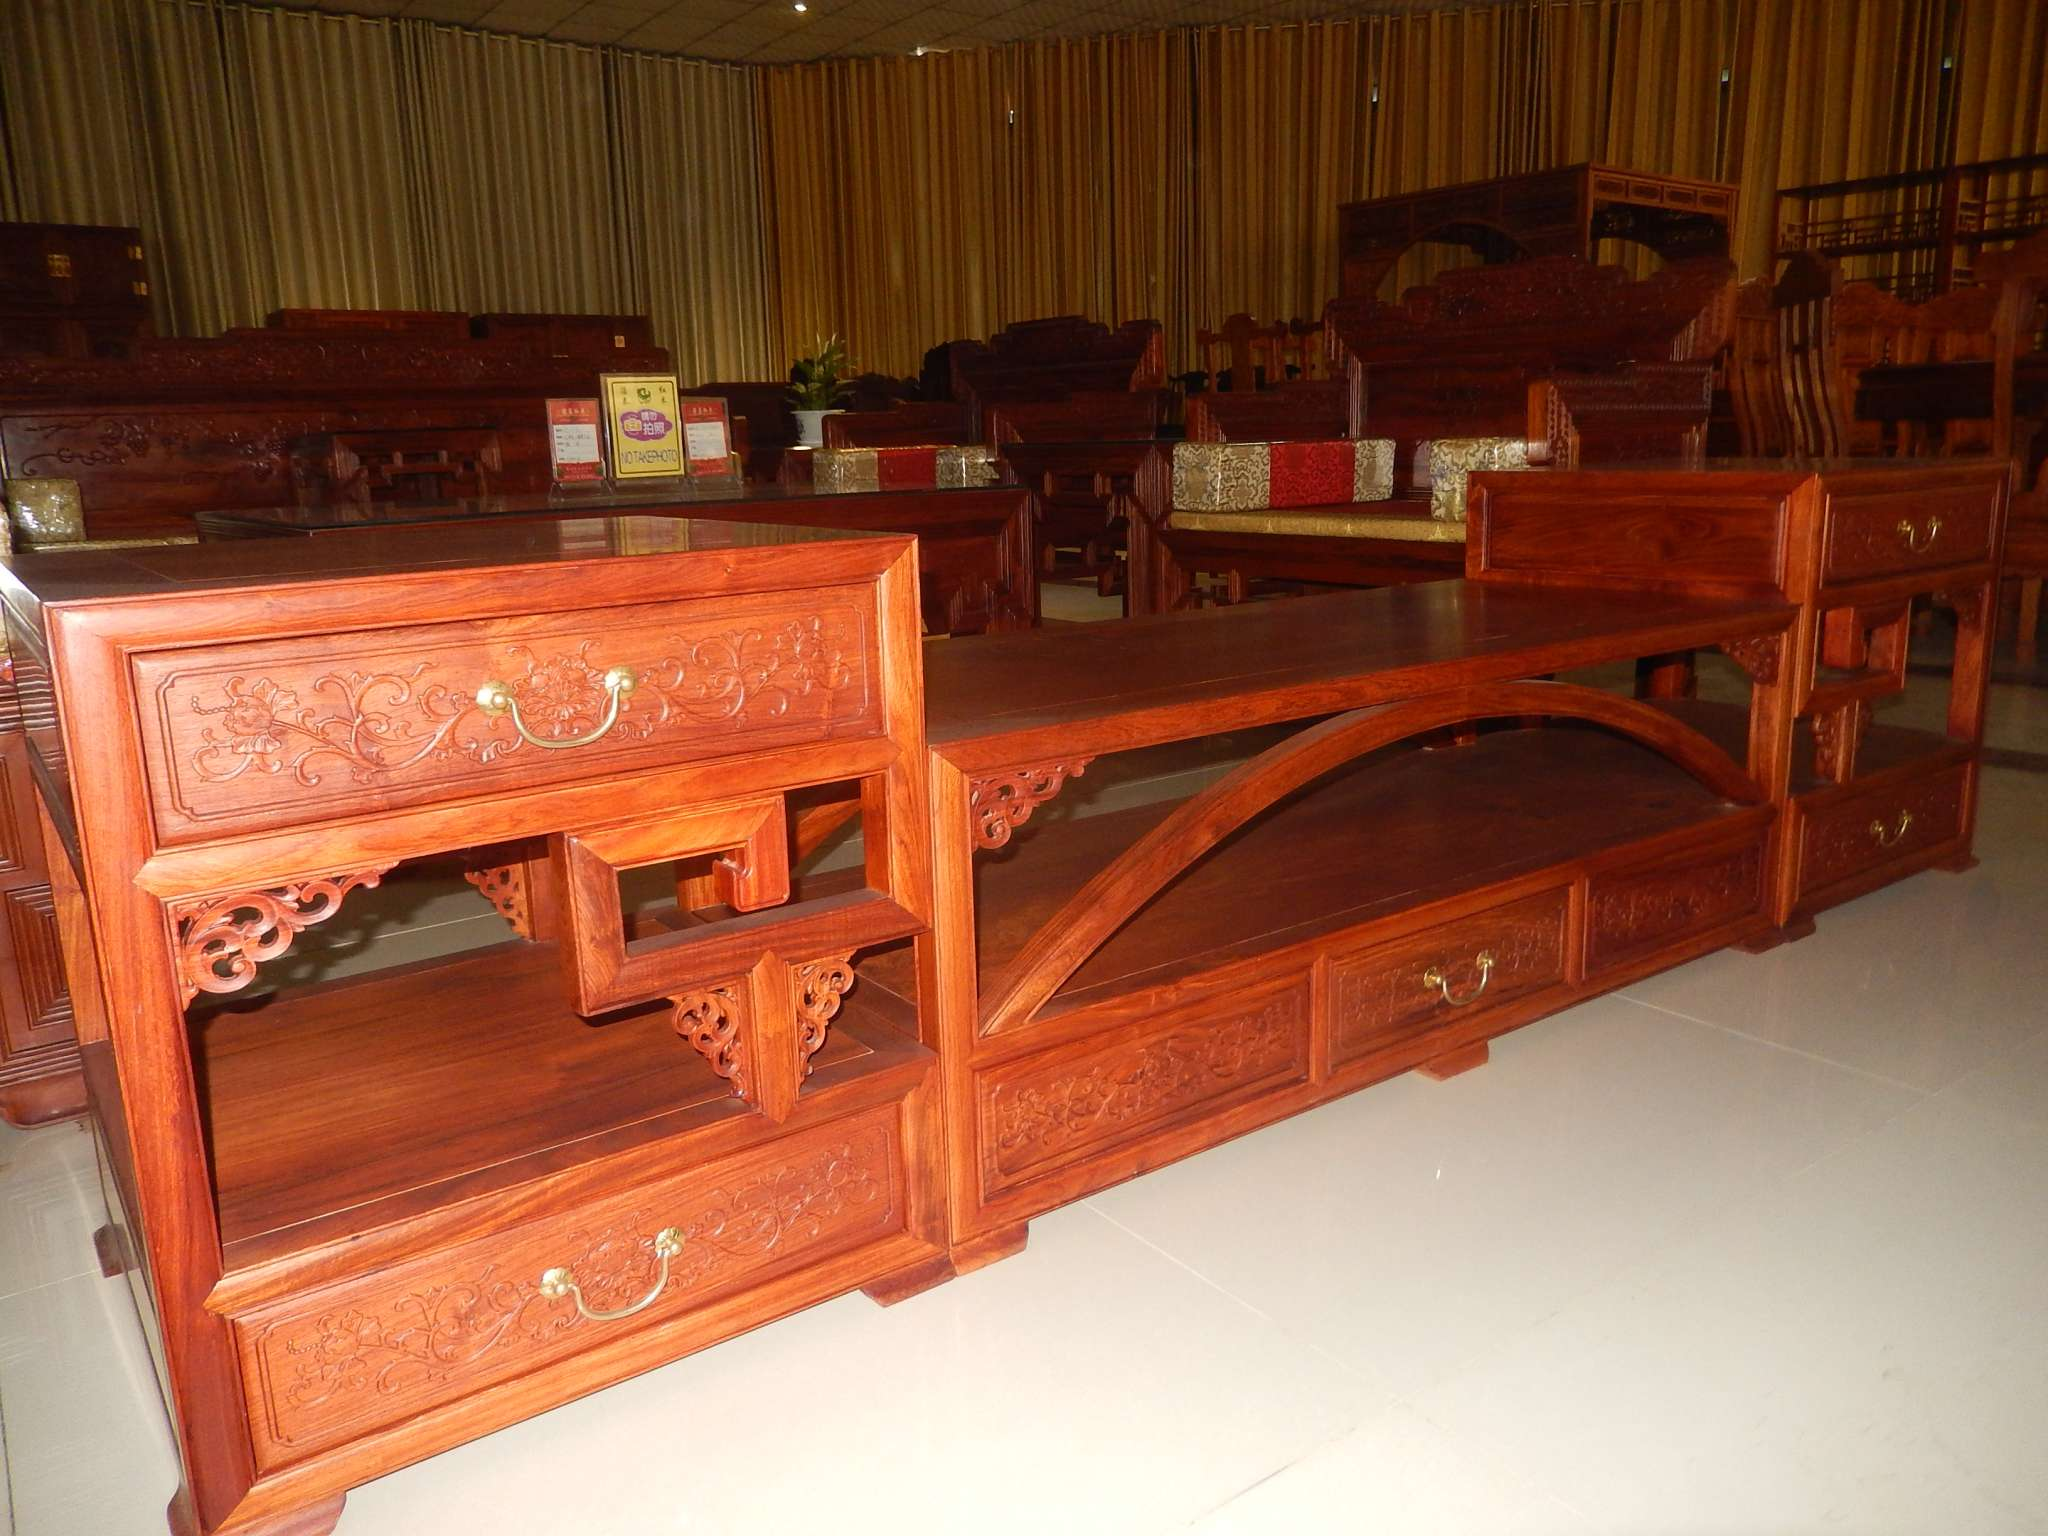 客厅红木柜子 - 景洪濠泰红木有限责任公司